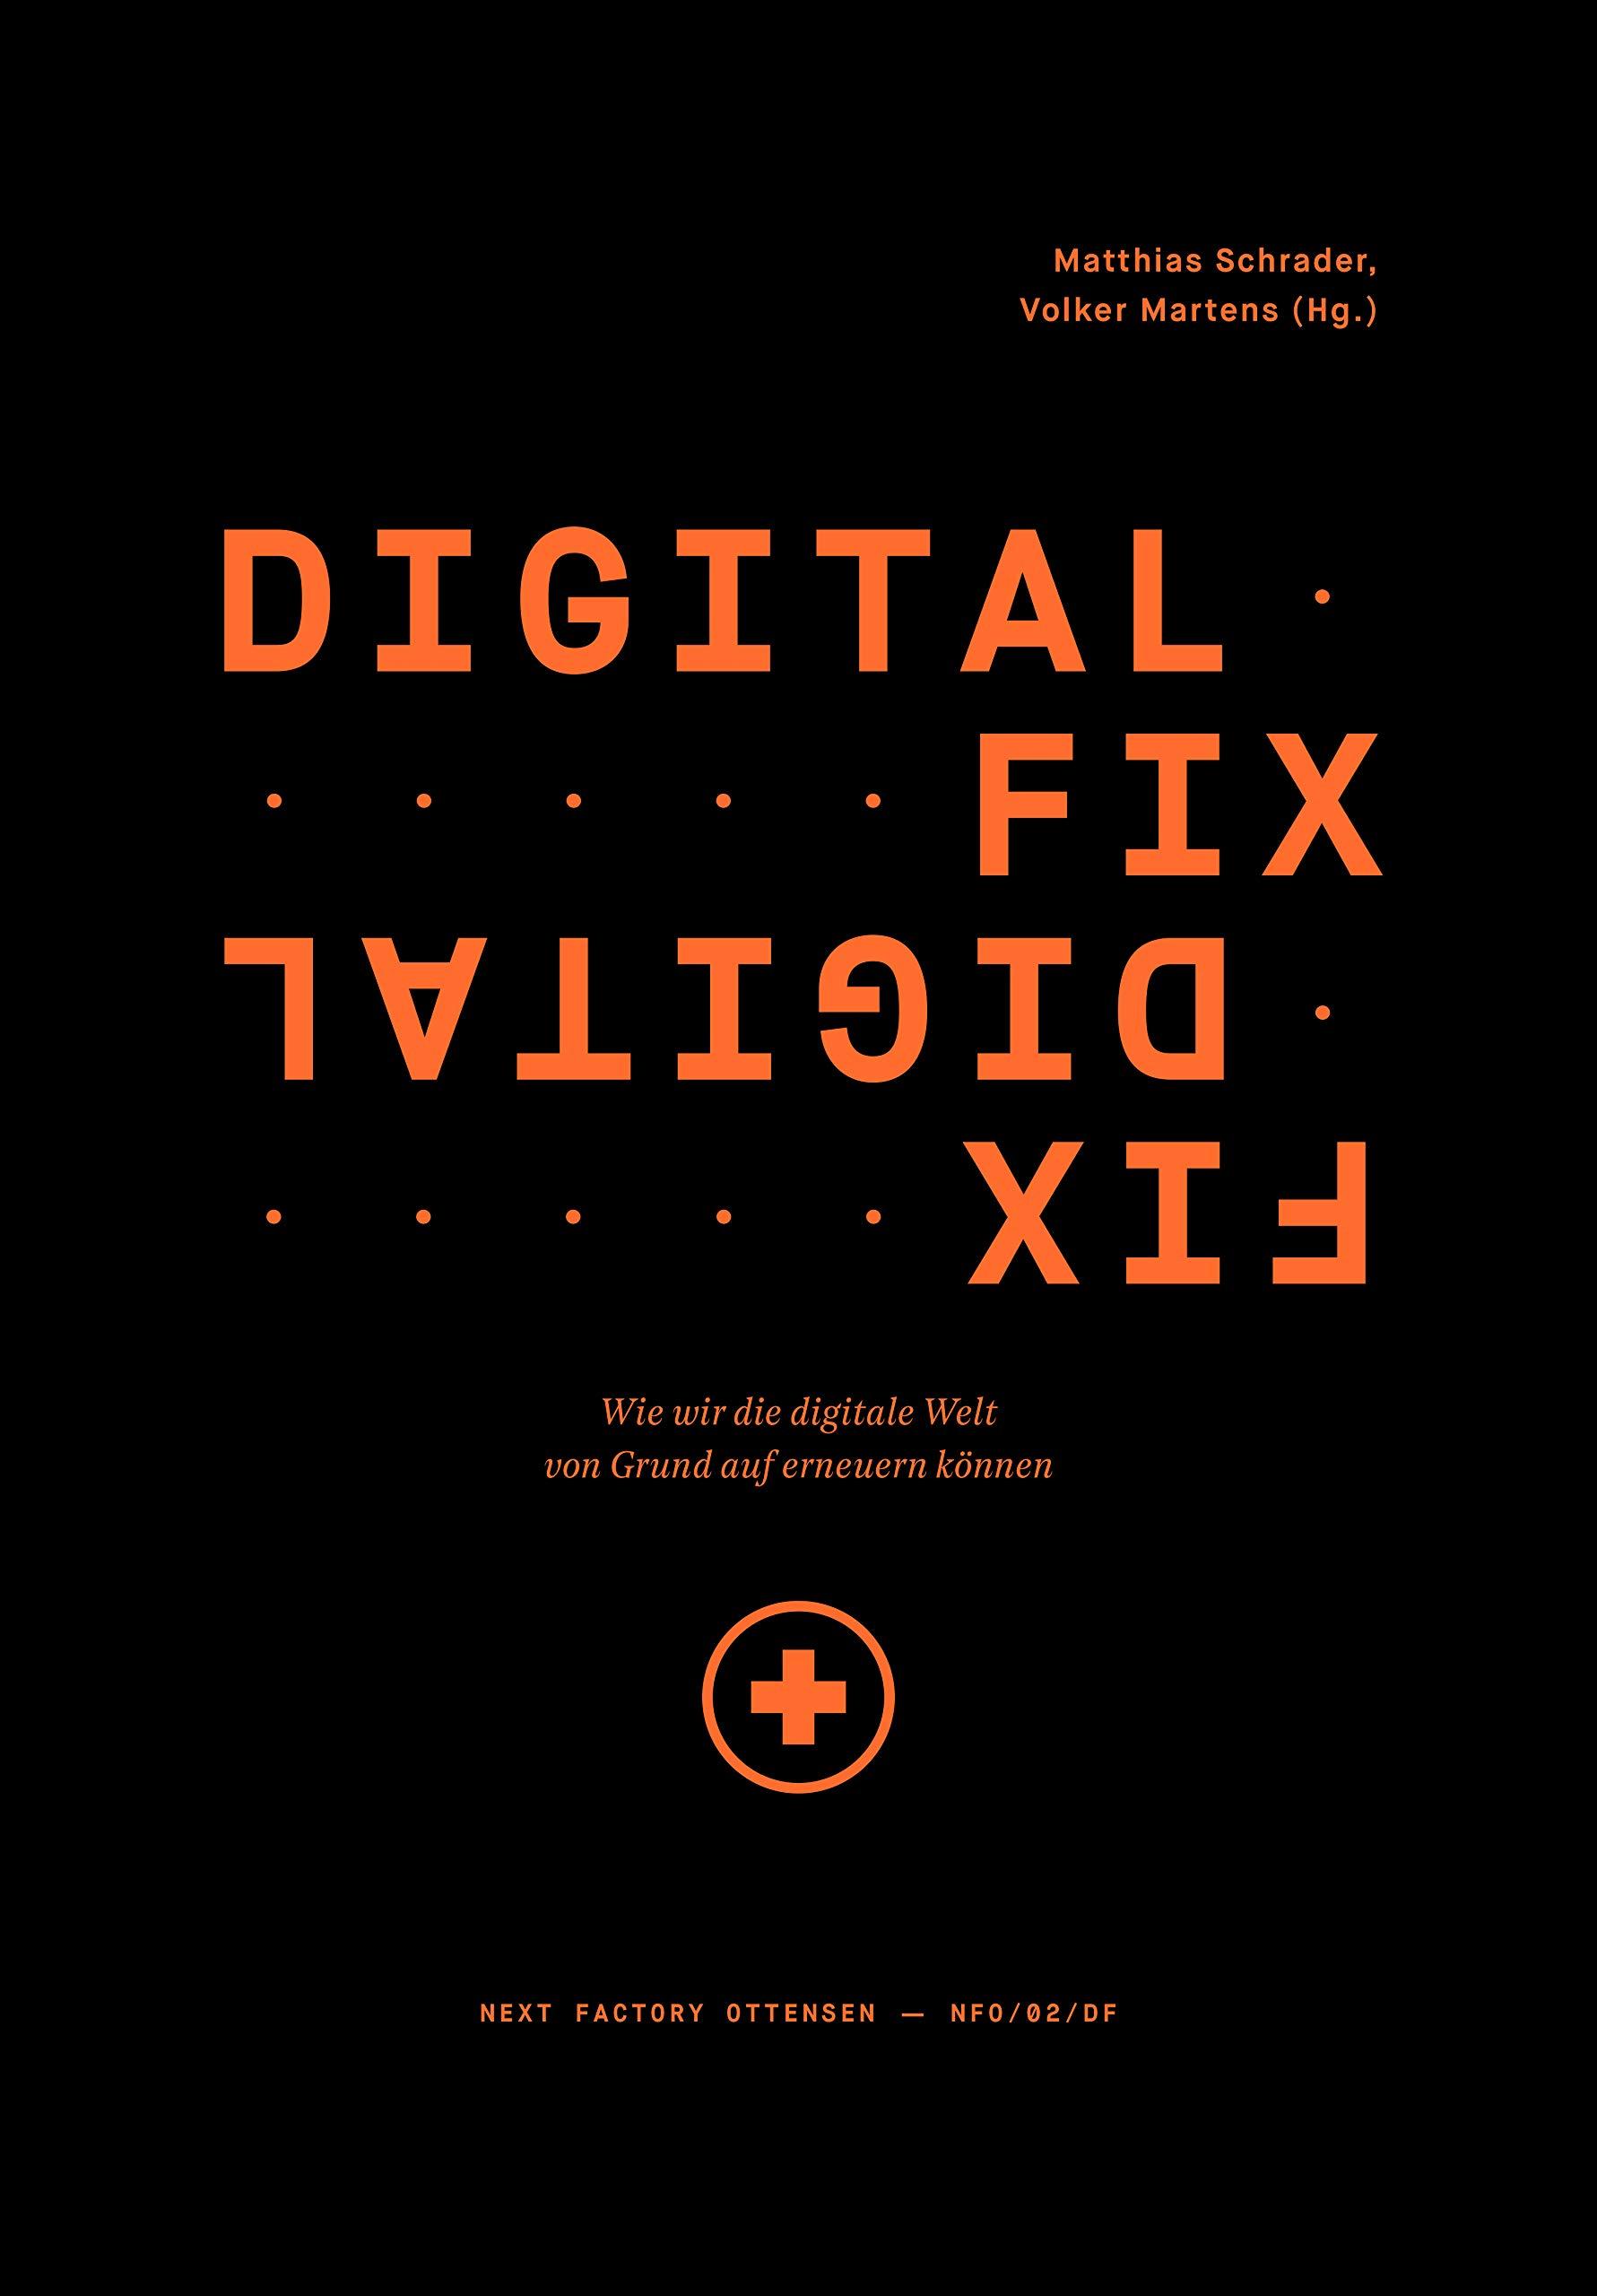 Digital Fix   Fix Digital. Wie Wir Die Digitale Welt Von Grund Auf Erneuern Können  Edition NFO